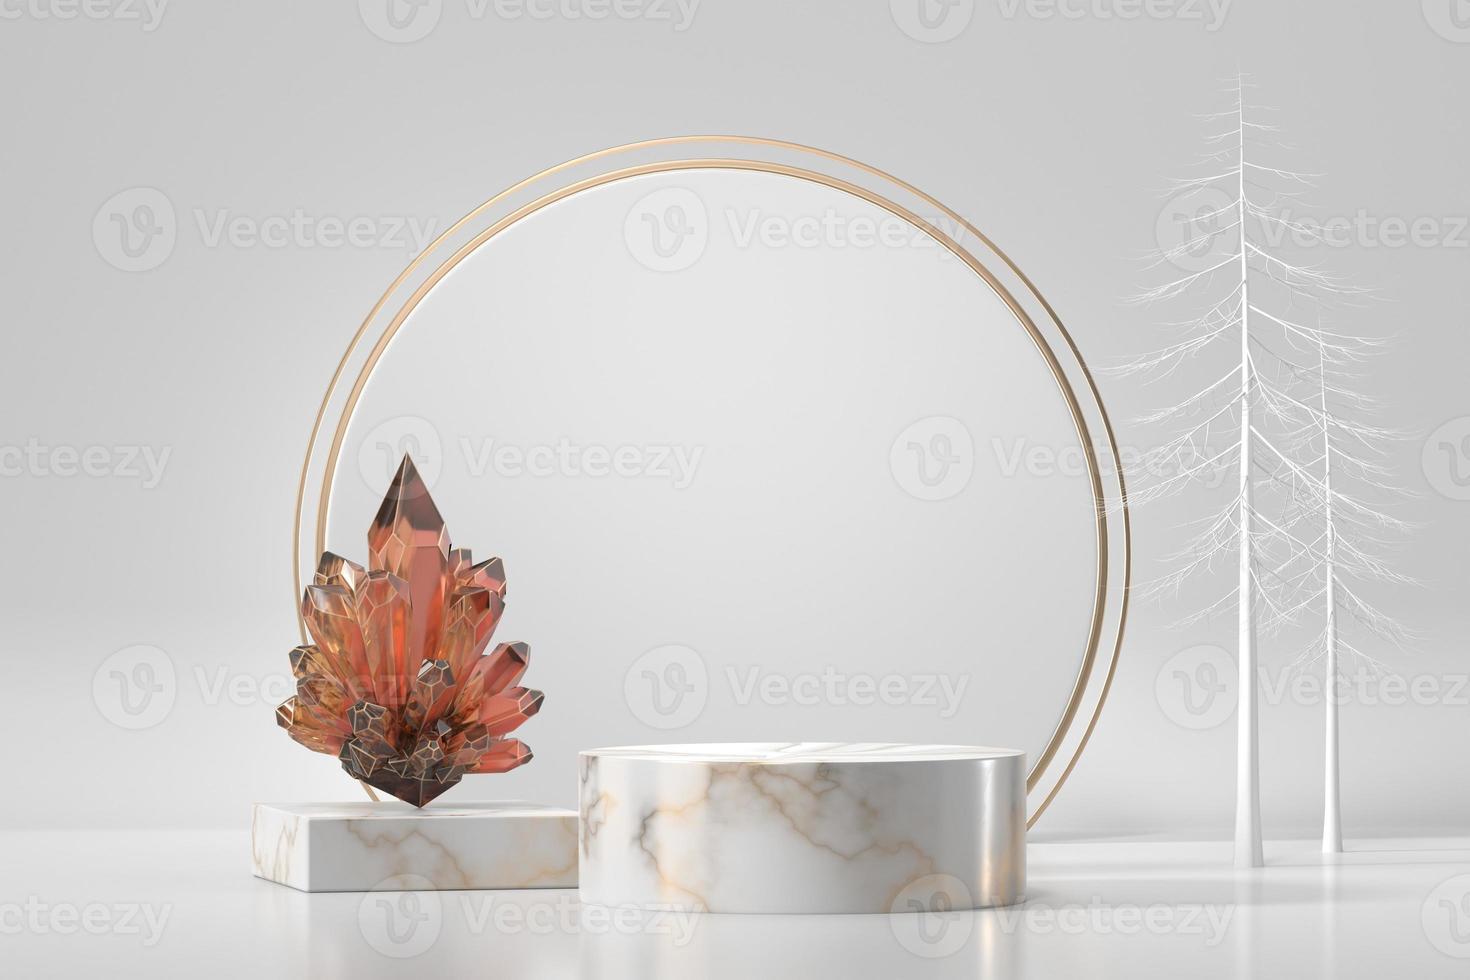 marmeren podium voor productshowcase met kristal op witte achtergrond, het 3d teruggeven foto